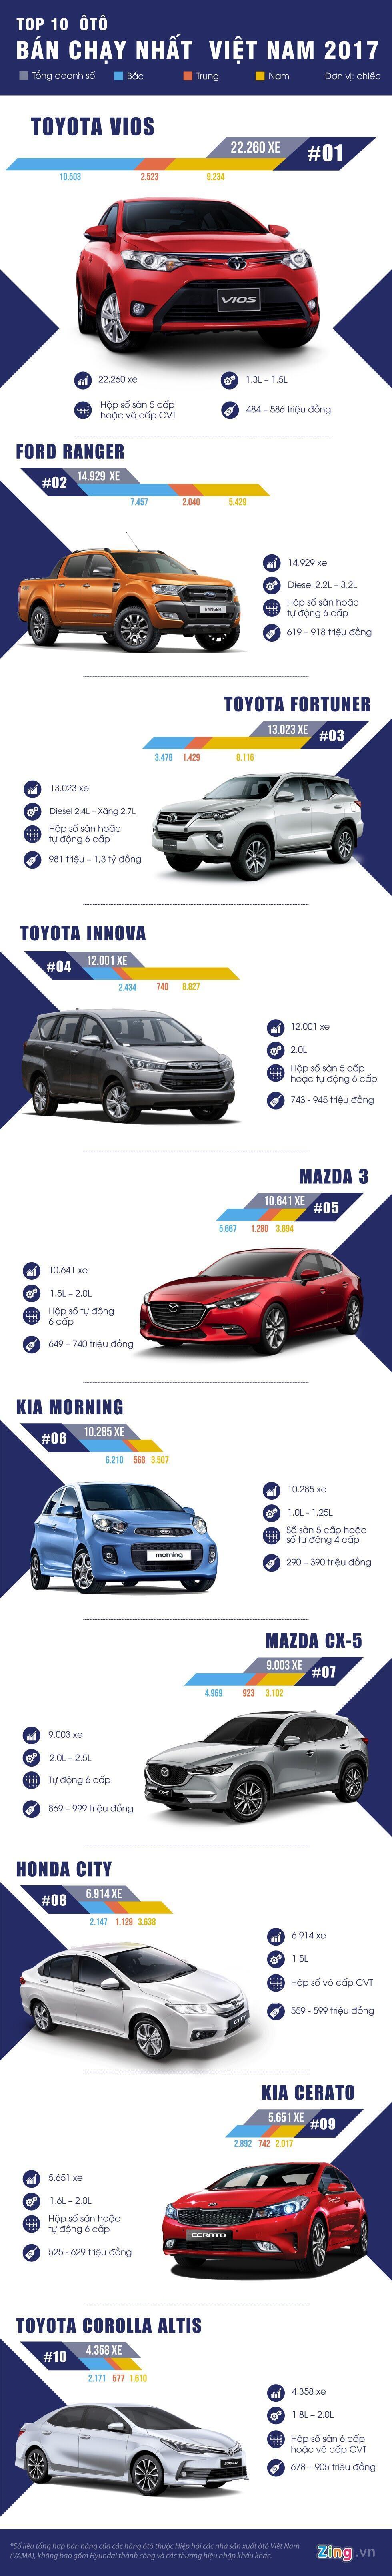 10 xe bán chạy nhất Việt Nam 2017: Toyota Vios nắm ngôi vua - Hình 1